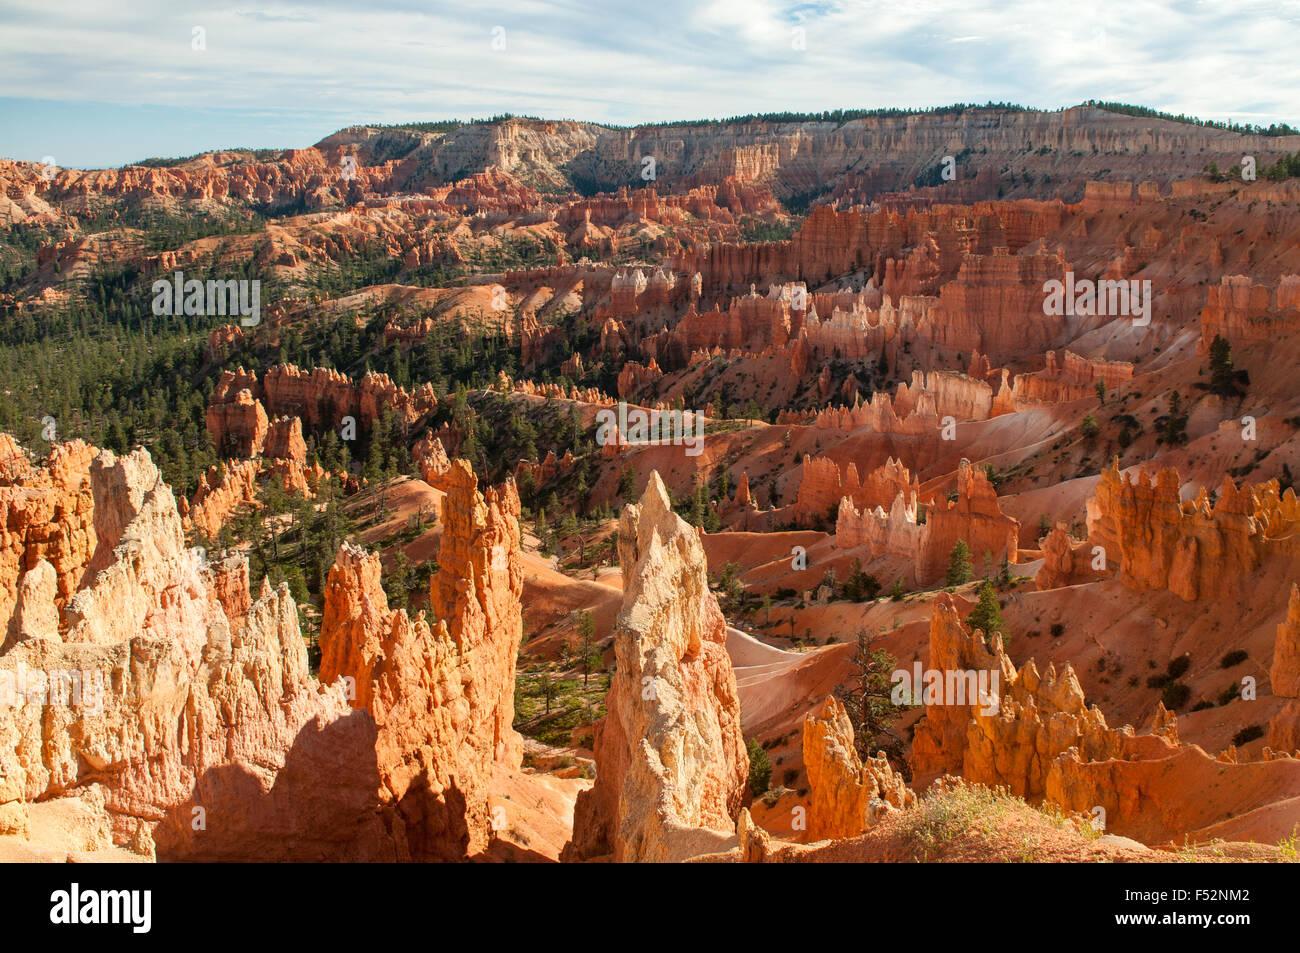 Desde el punto de vista de cerca del amanecer, Bryce Canyon, Utah, EE.UU. Imagen De Stock